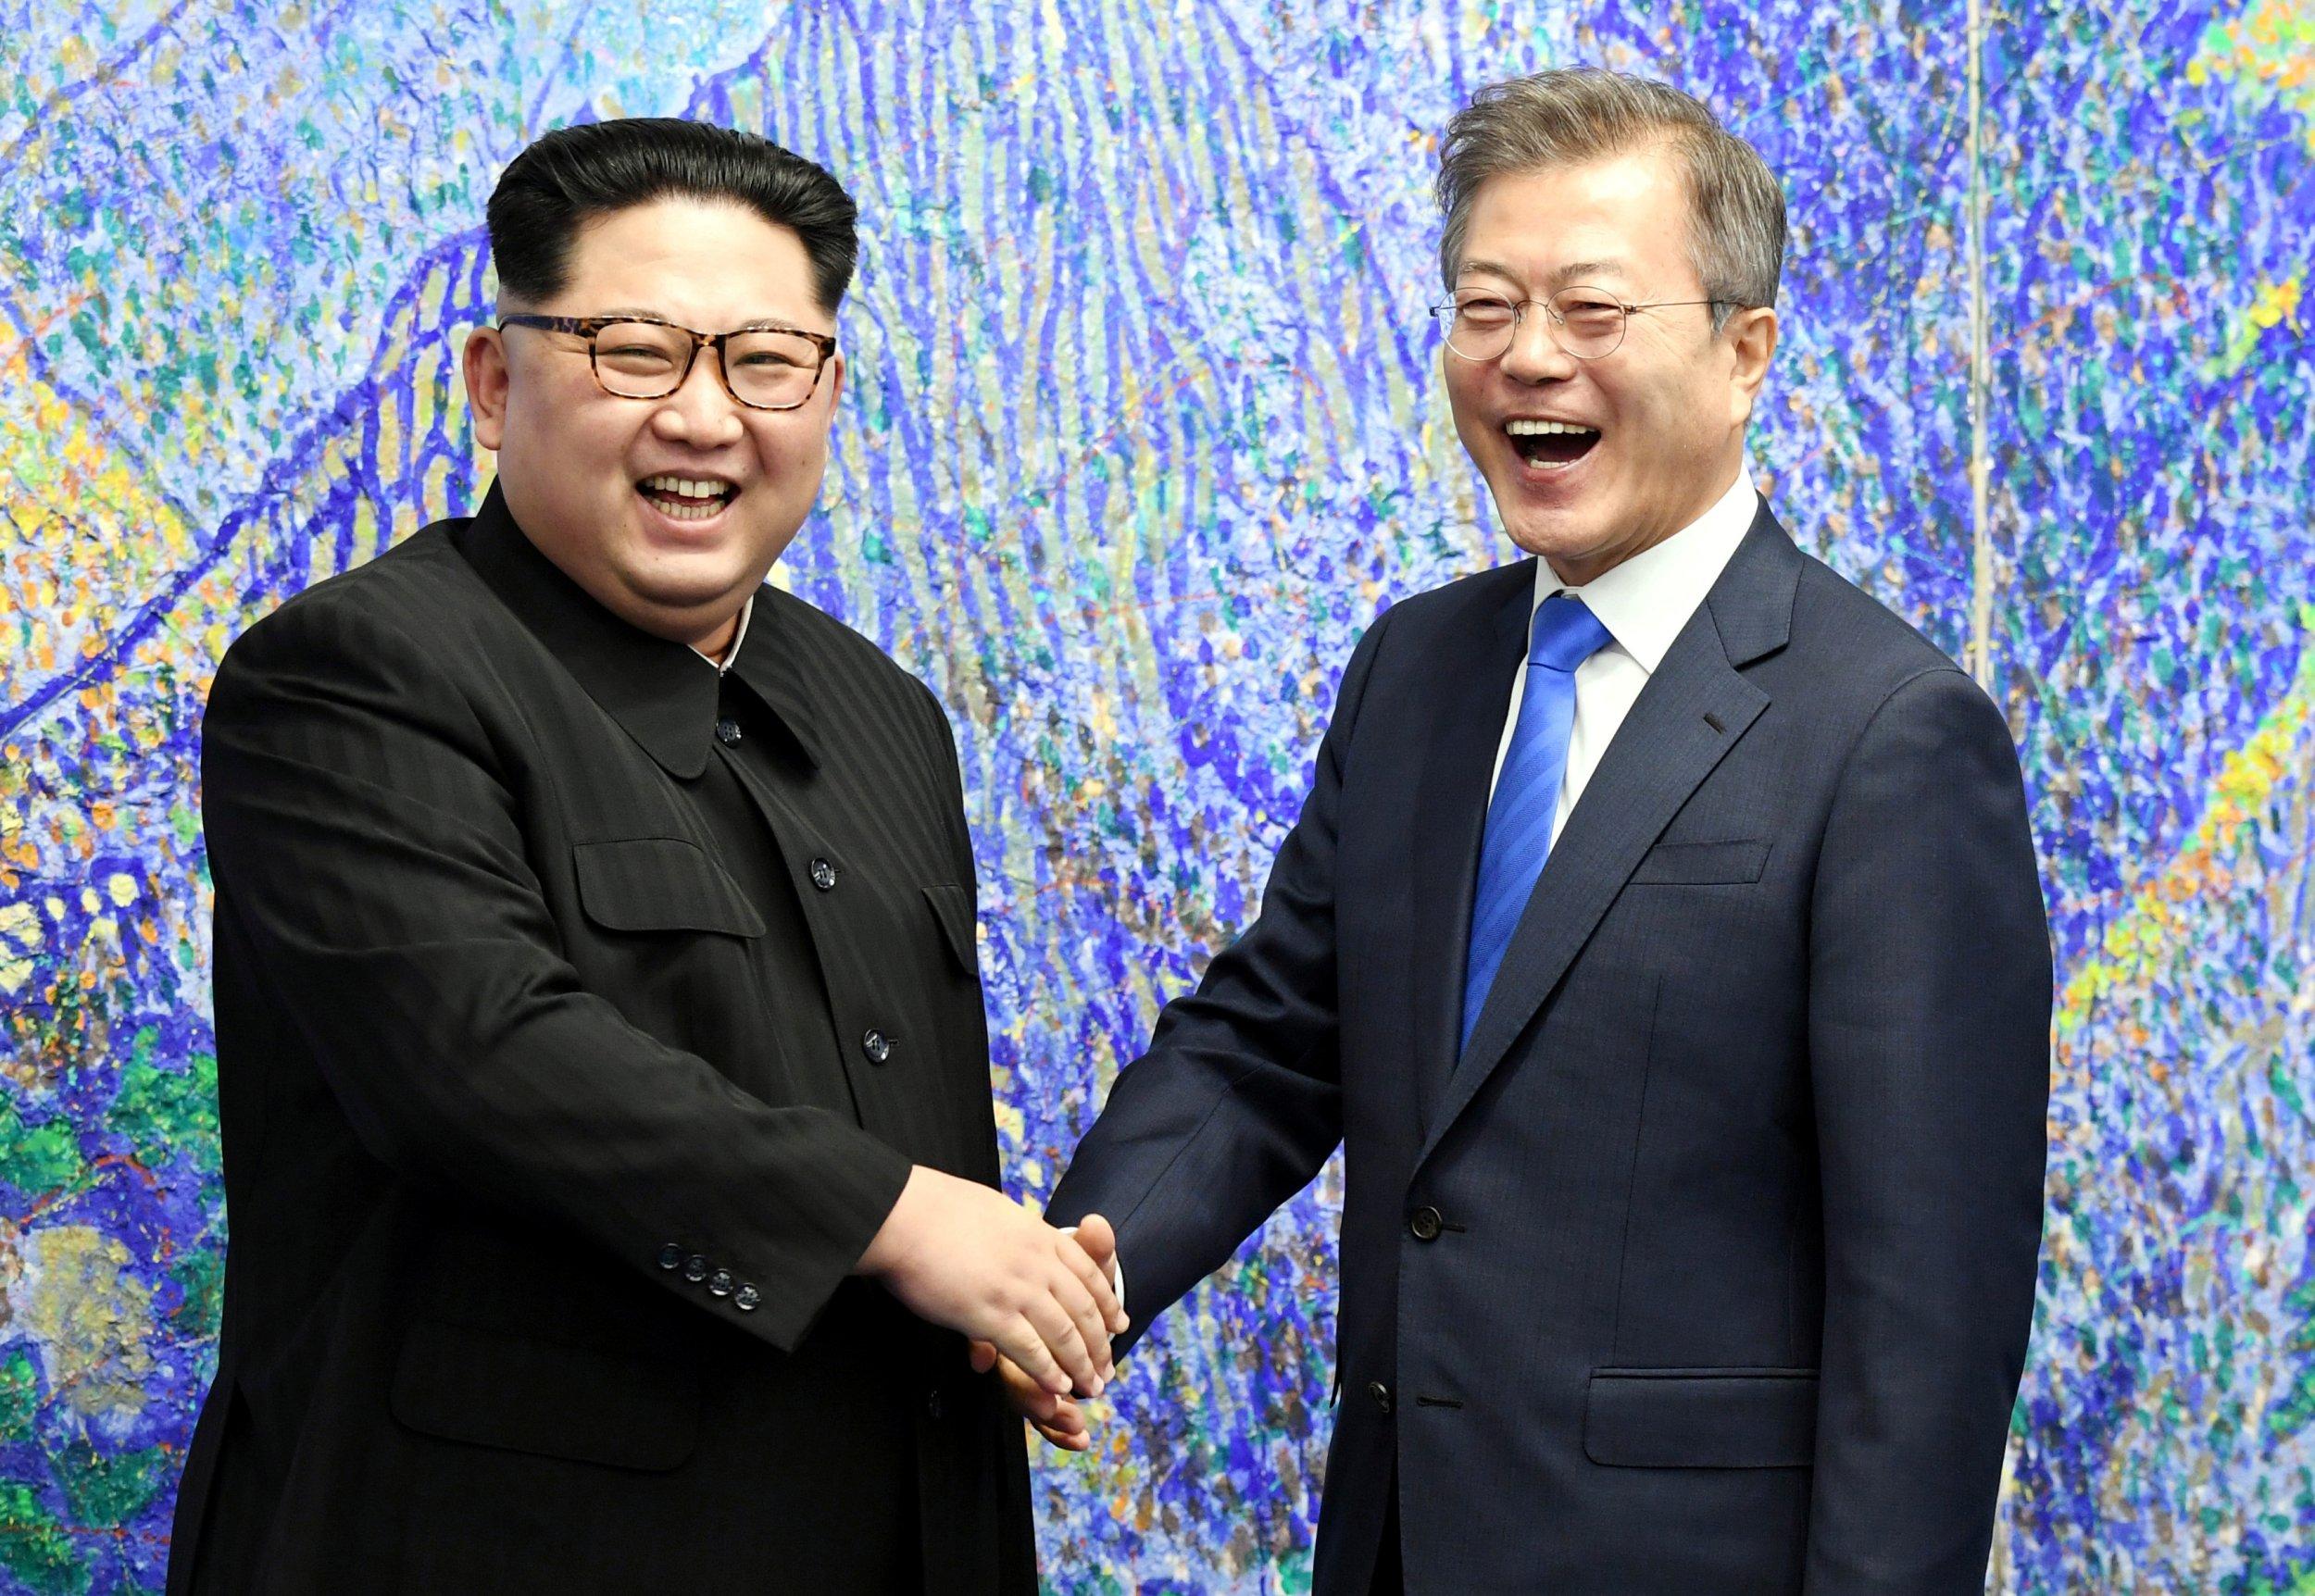 04_27_smiling_Leaders